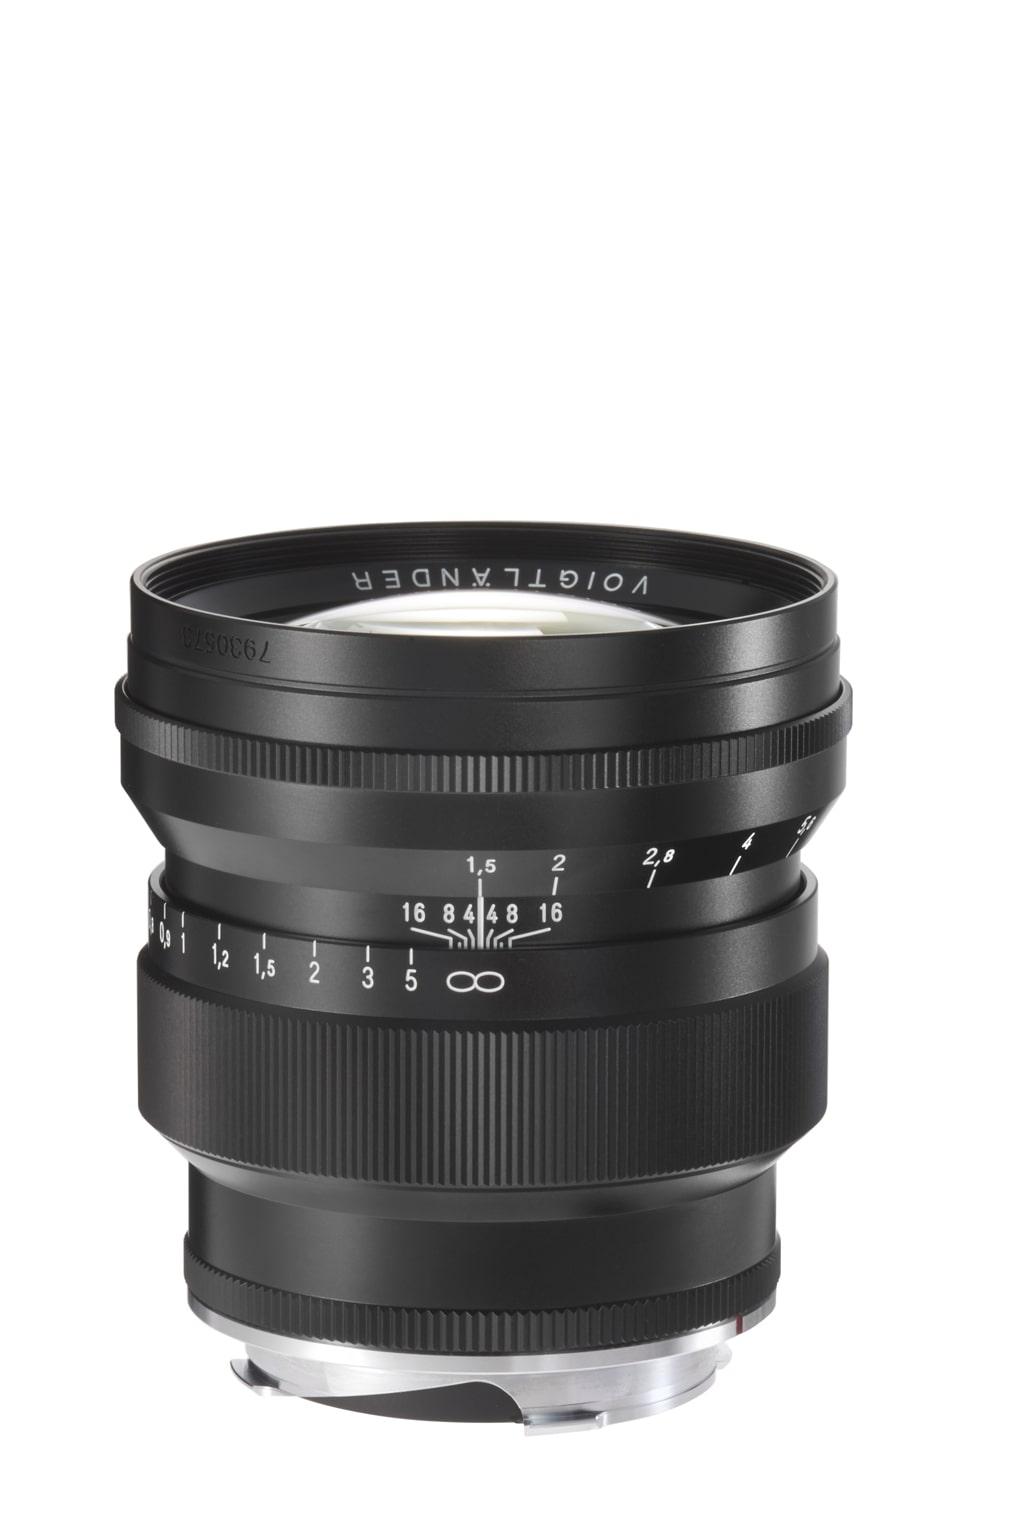 Voigtländer VM 75mm 1,5 Nokton Leica M schwarz